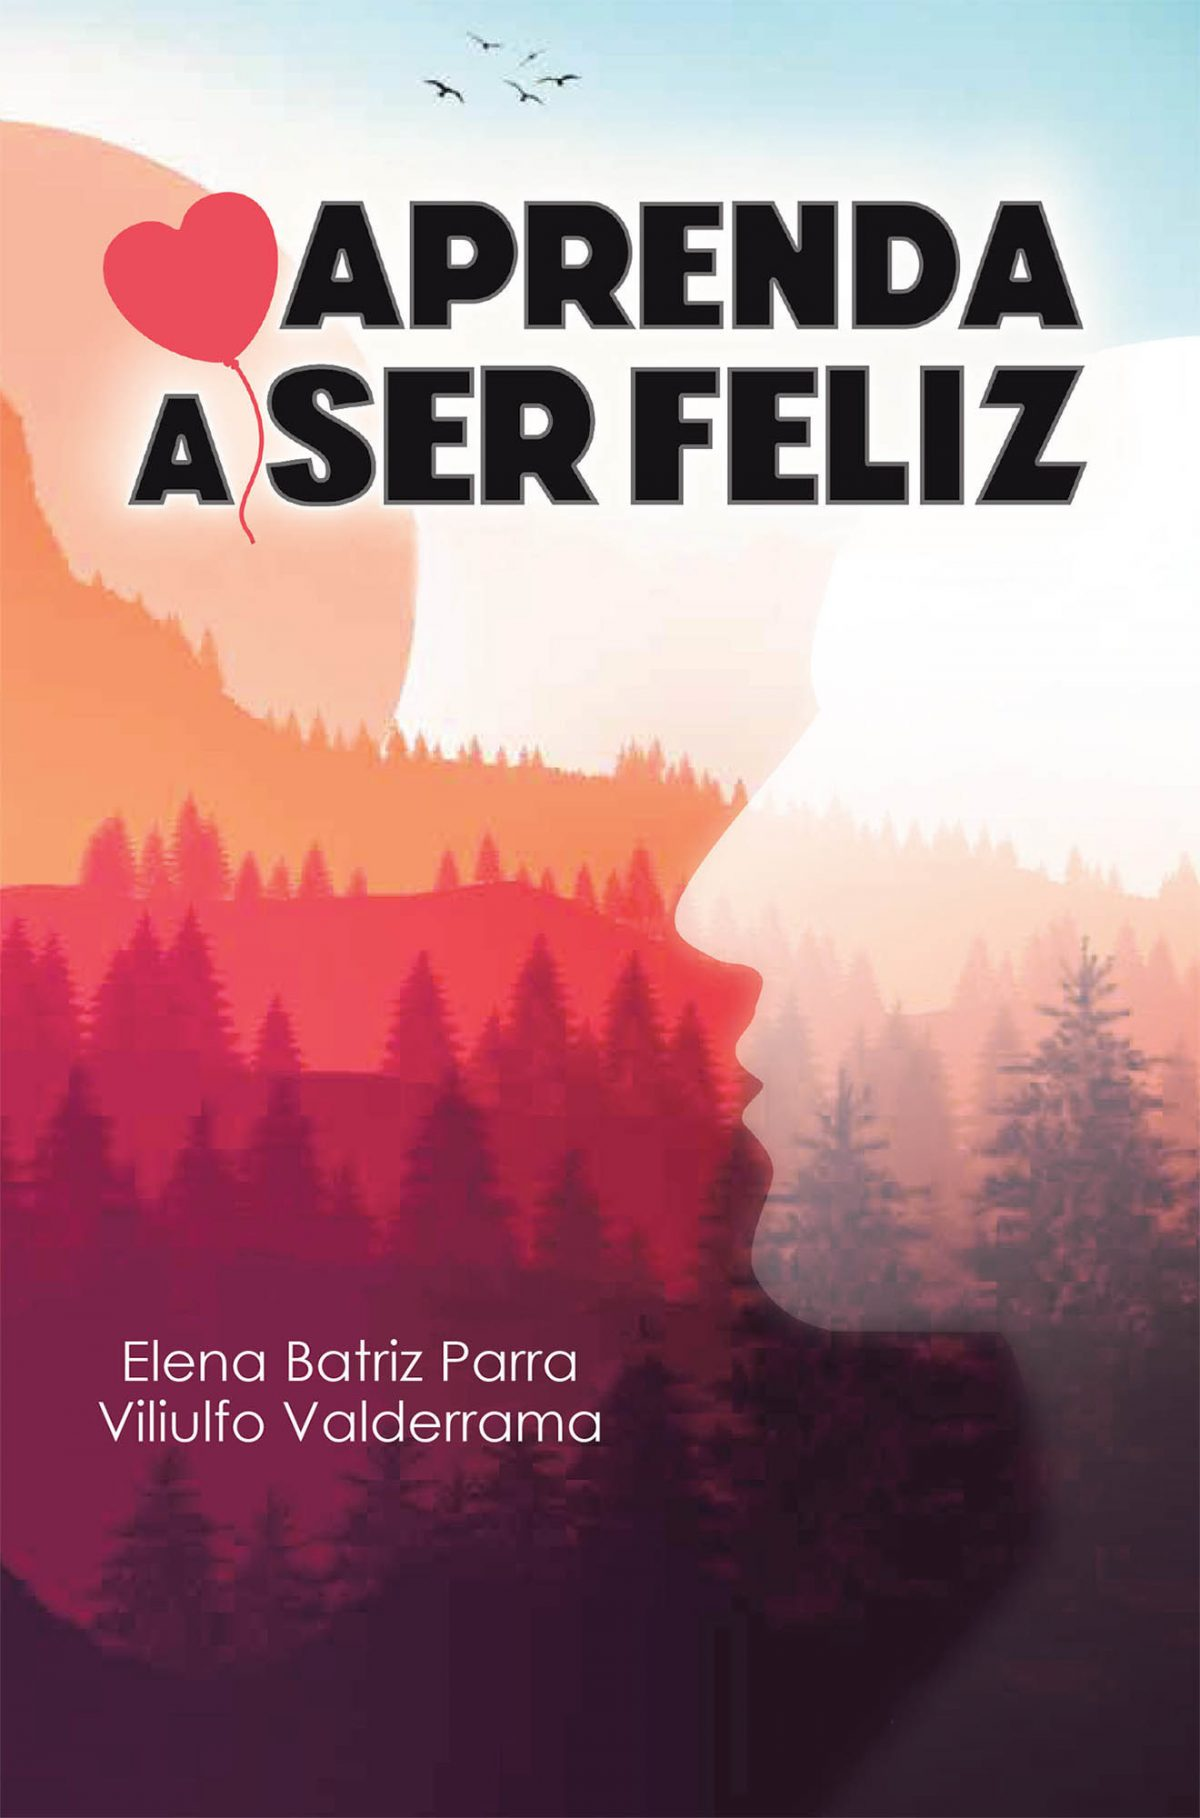 La más reciente obra publicada de los autores Elena Batriz Parra y Viliulfo Valderrama, Aprenda a ser feliz, presenta un compendio de enseñanzas que lo ayudaran a alcanzar la felicidad y satisfacción plena de su vida